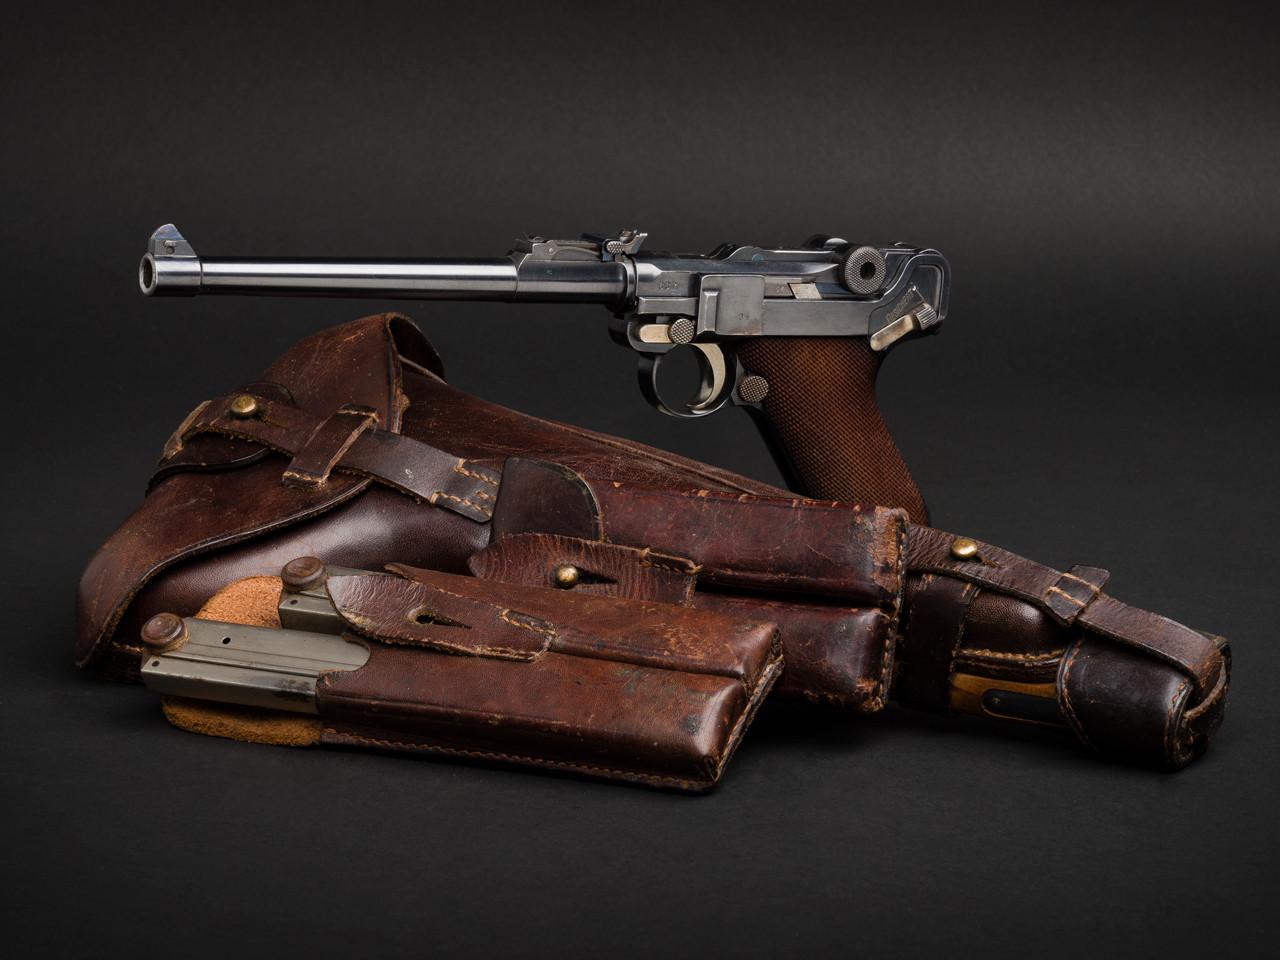 960x1280_Pistole08